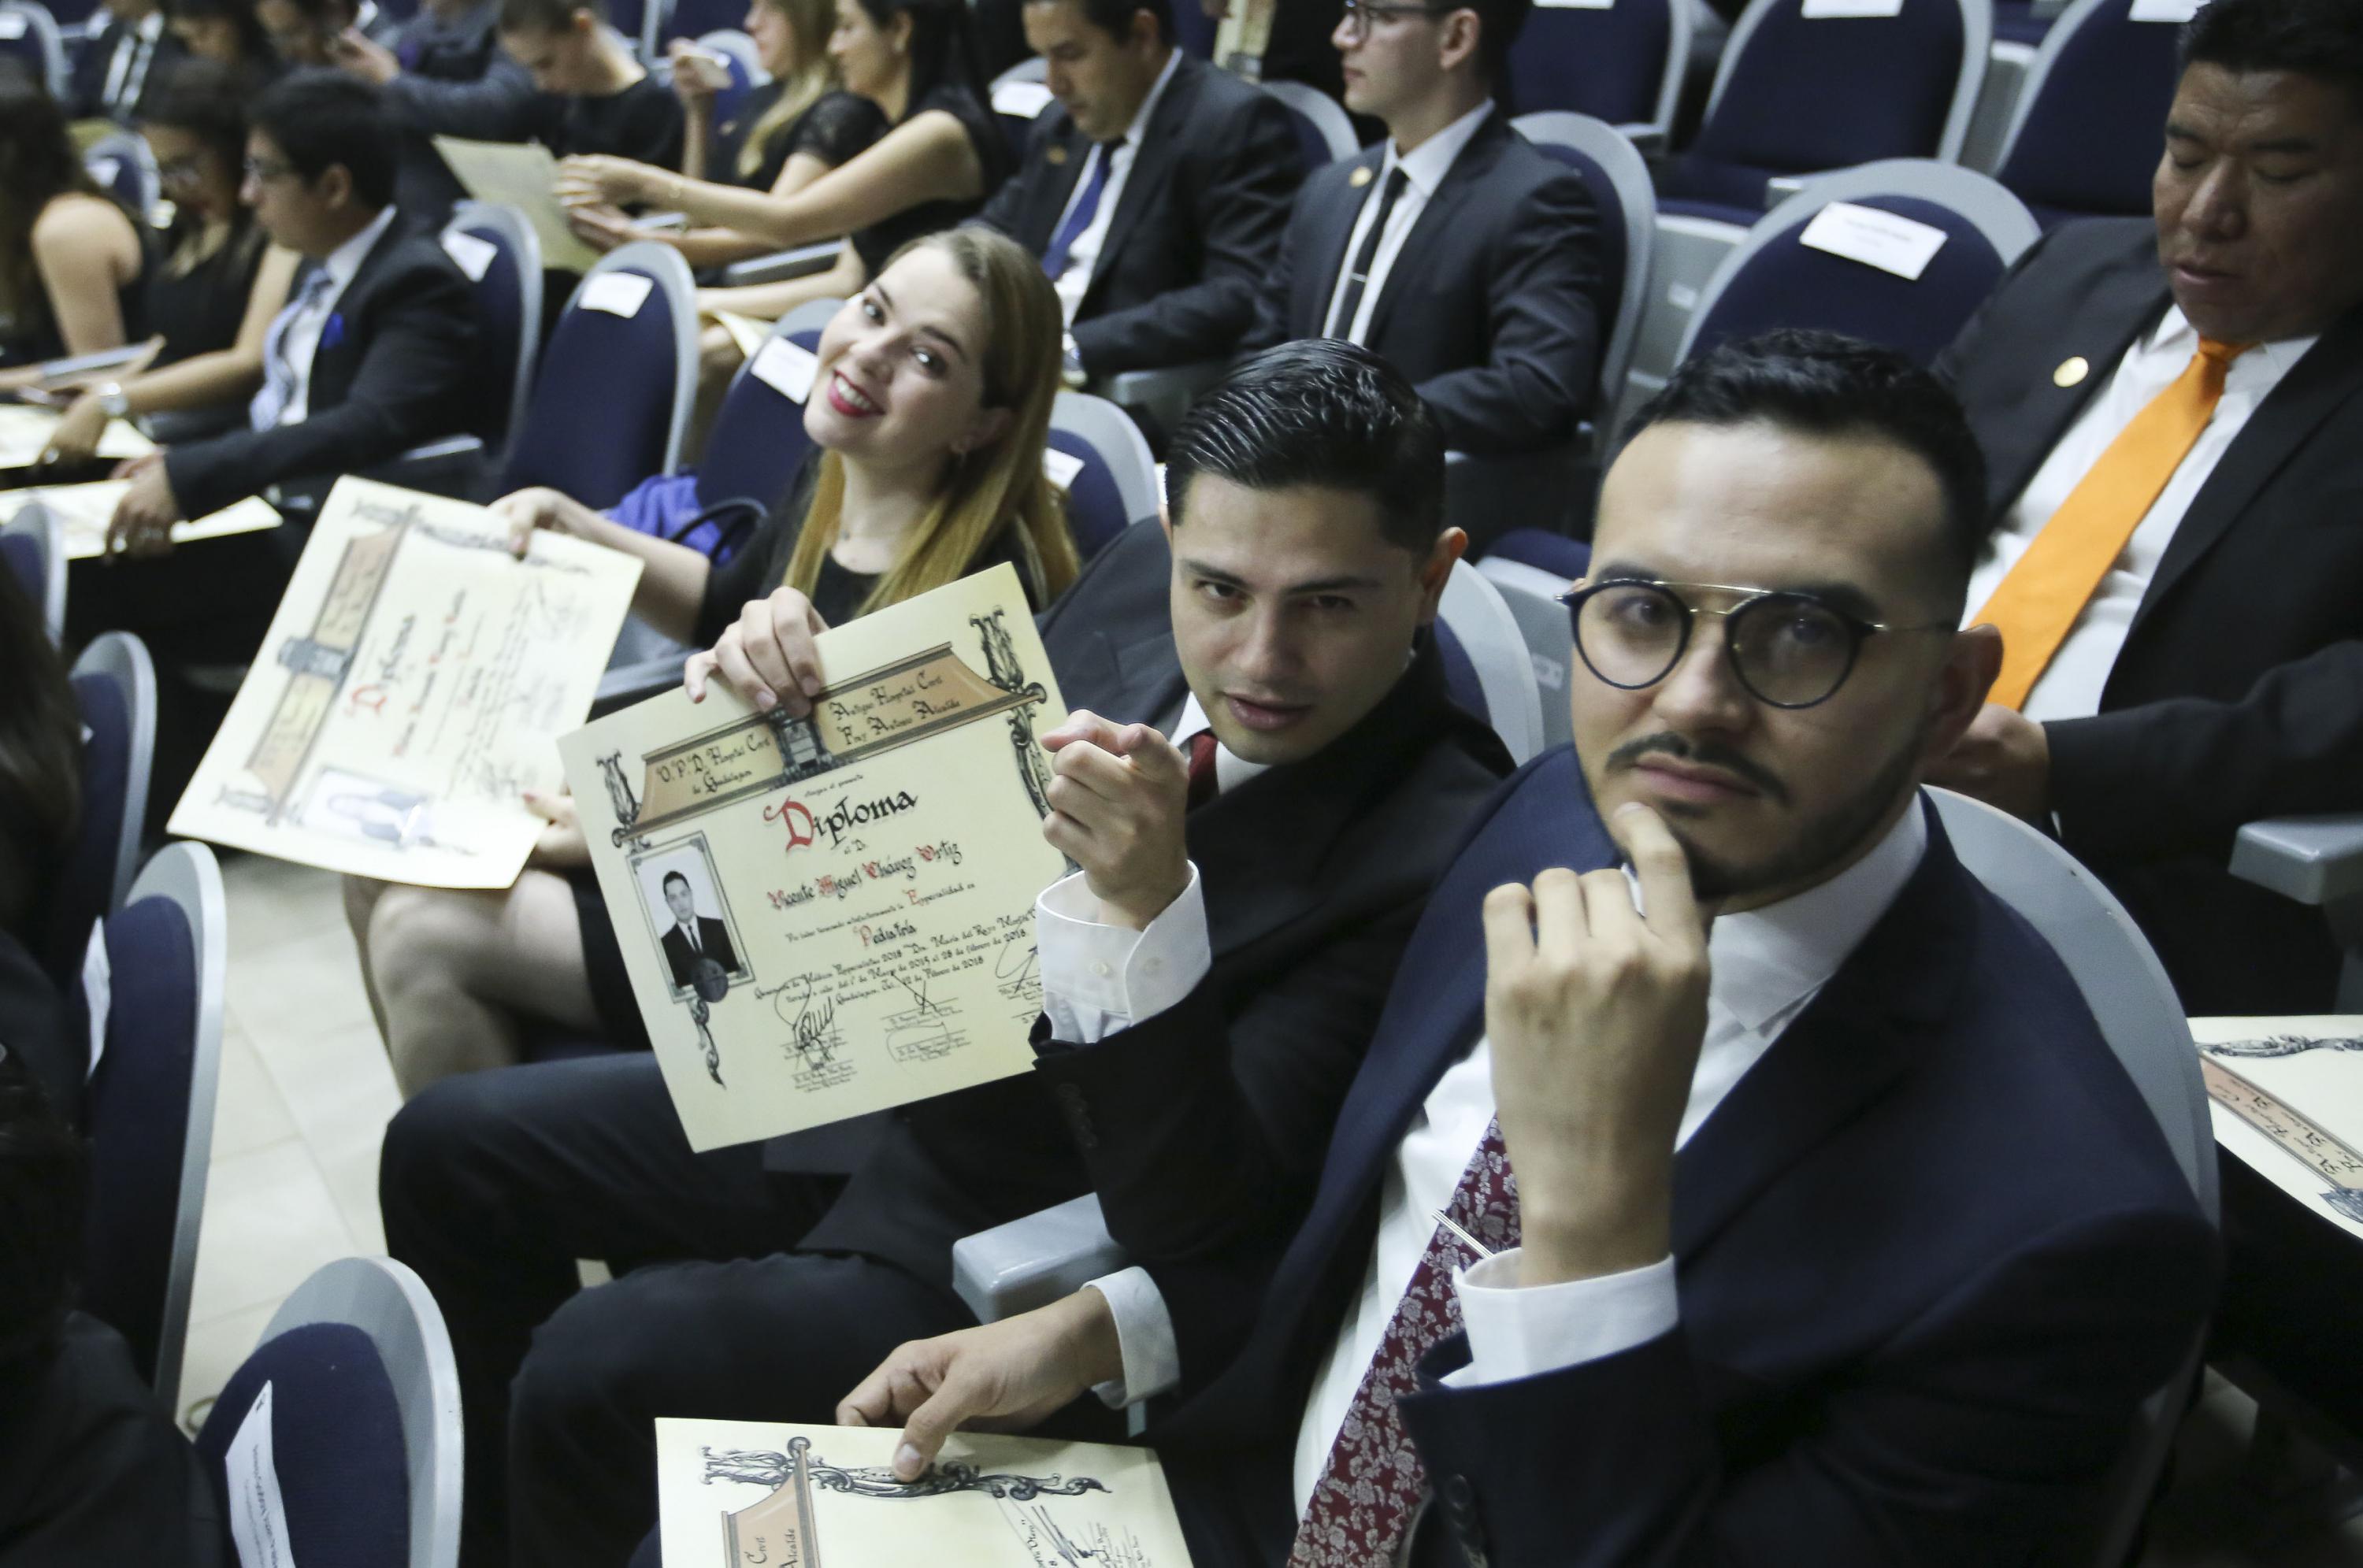 3 egresados (Una mujer y dos hombres) muestran su diploma de acreditación